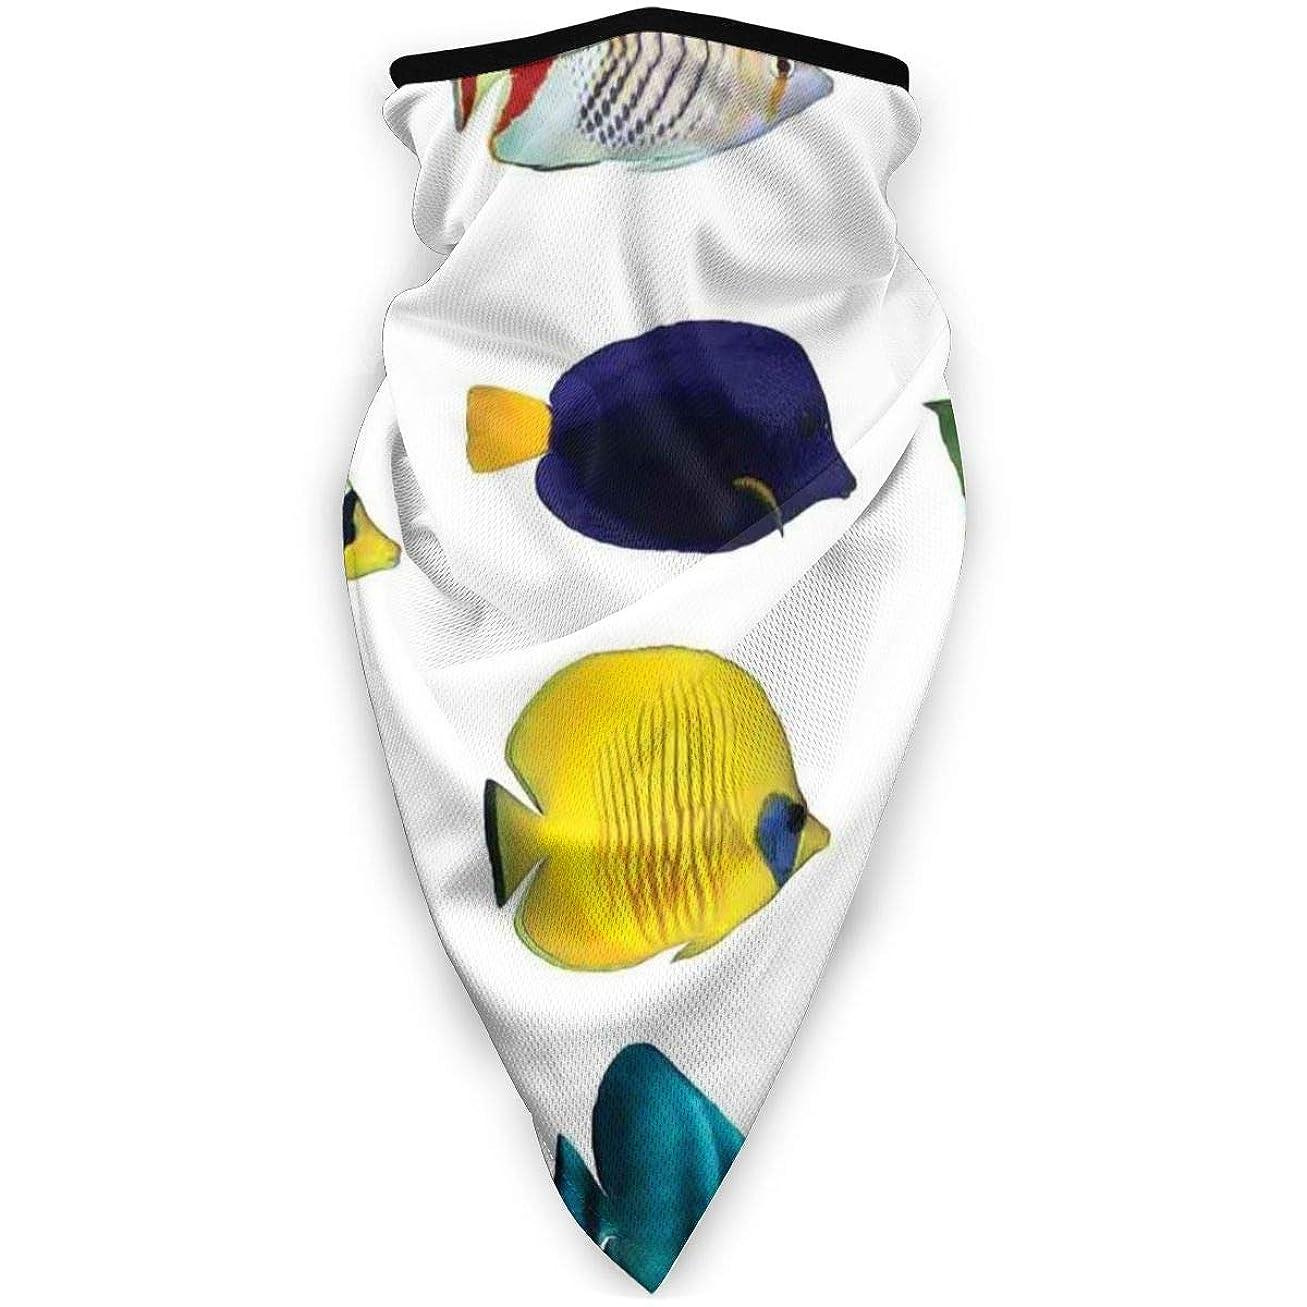 ポンドお手入れノミネートDustproof Washable Reusable Mouth Cover,Tropical Fish Figures With Zebrasoma Anemonefish Dive Nemo Aqua Home Decor,Protective Safety Warm Windproof Mask for Men Women